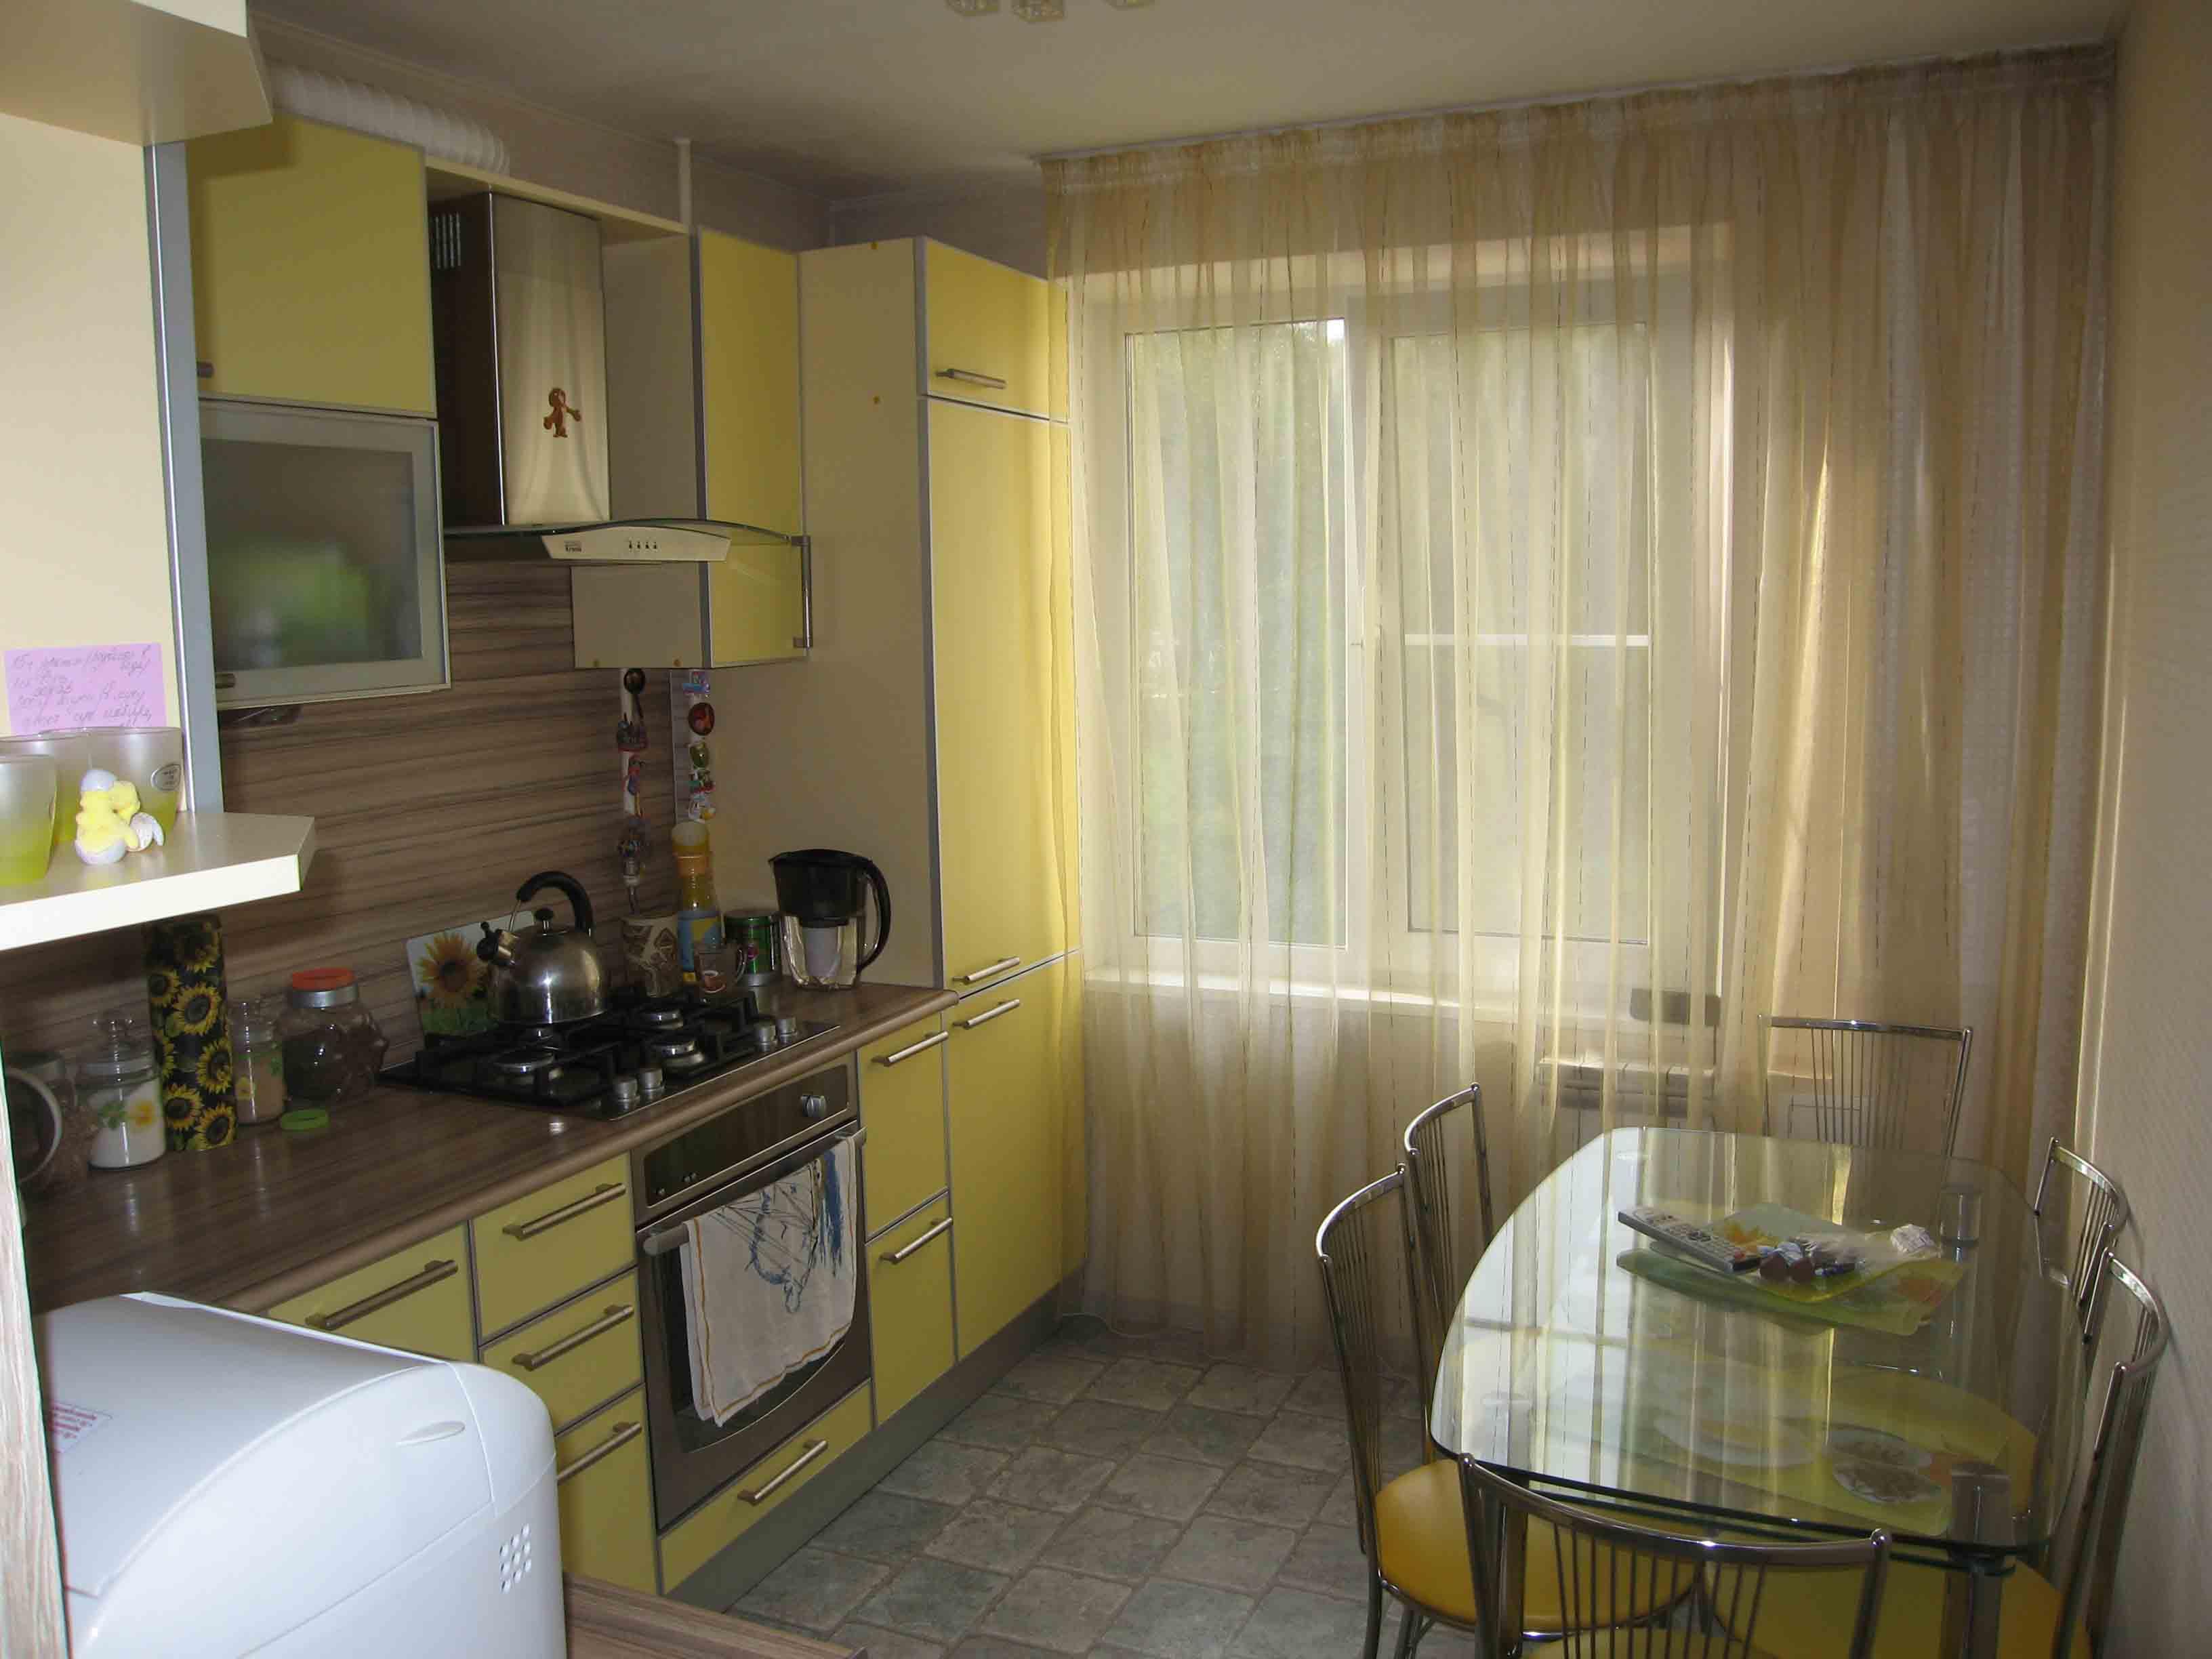 Дизайн Маленькой Кухни Фото 4 Кв.м С Холодильником Фото